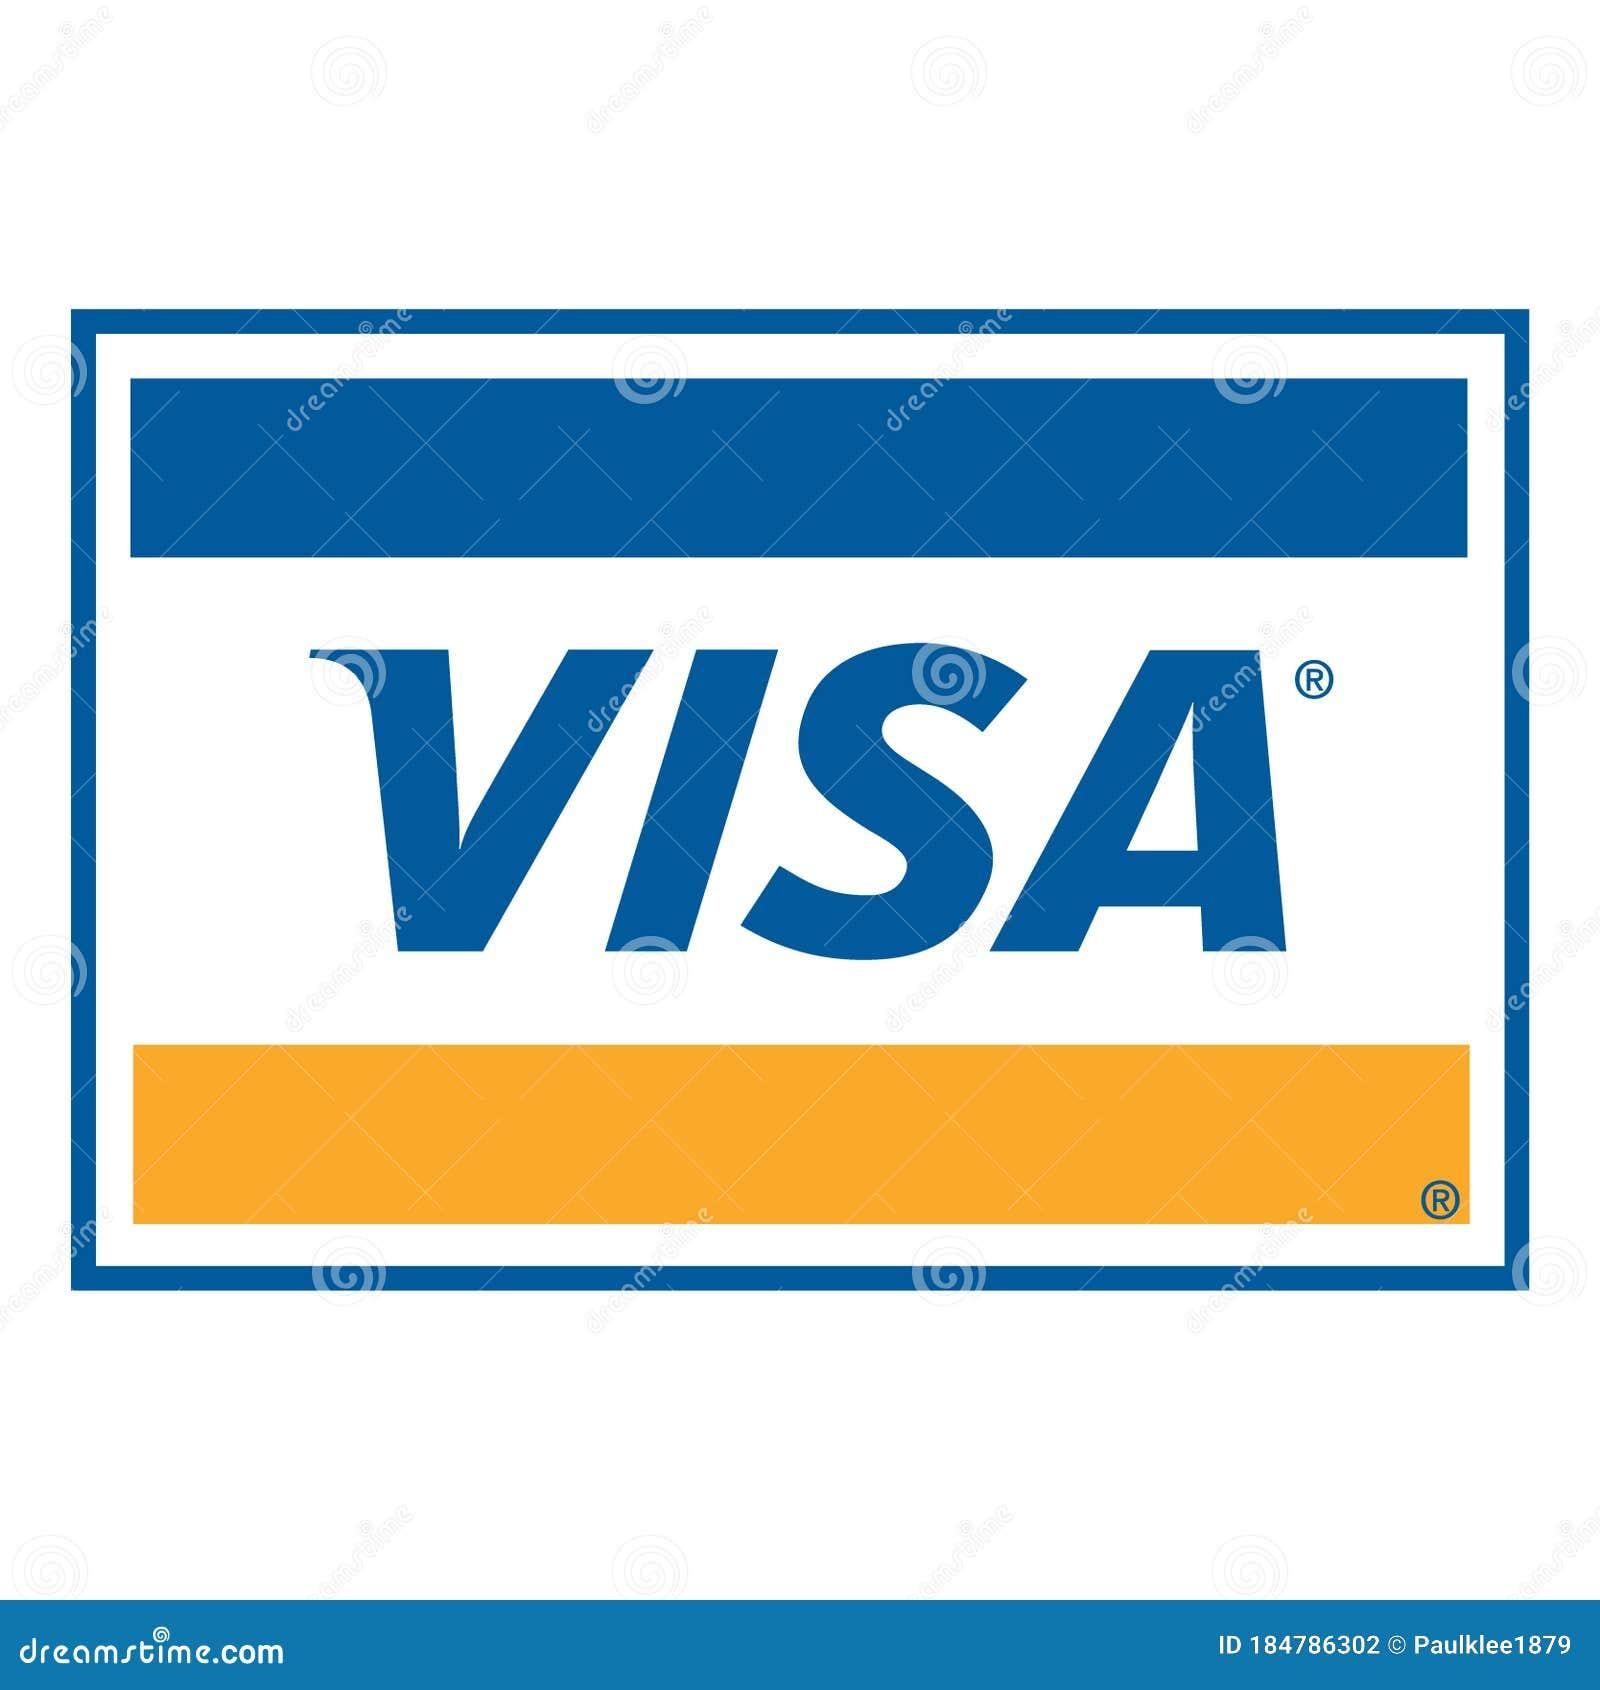 Visa Card Logo Stock Illustrations – 10 Visa Card Logo Stock